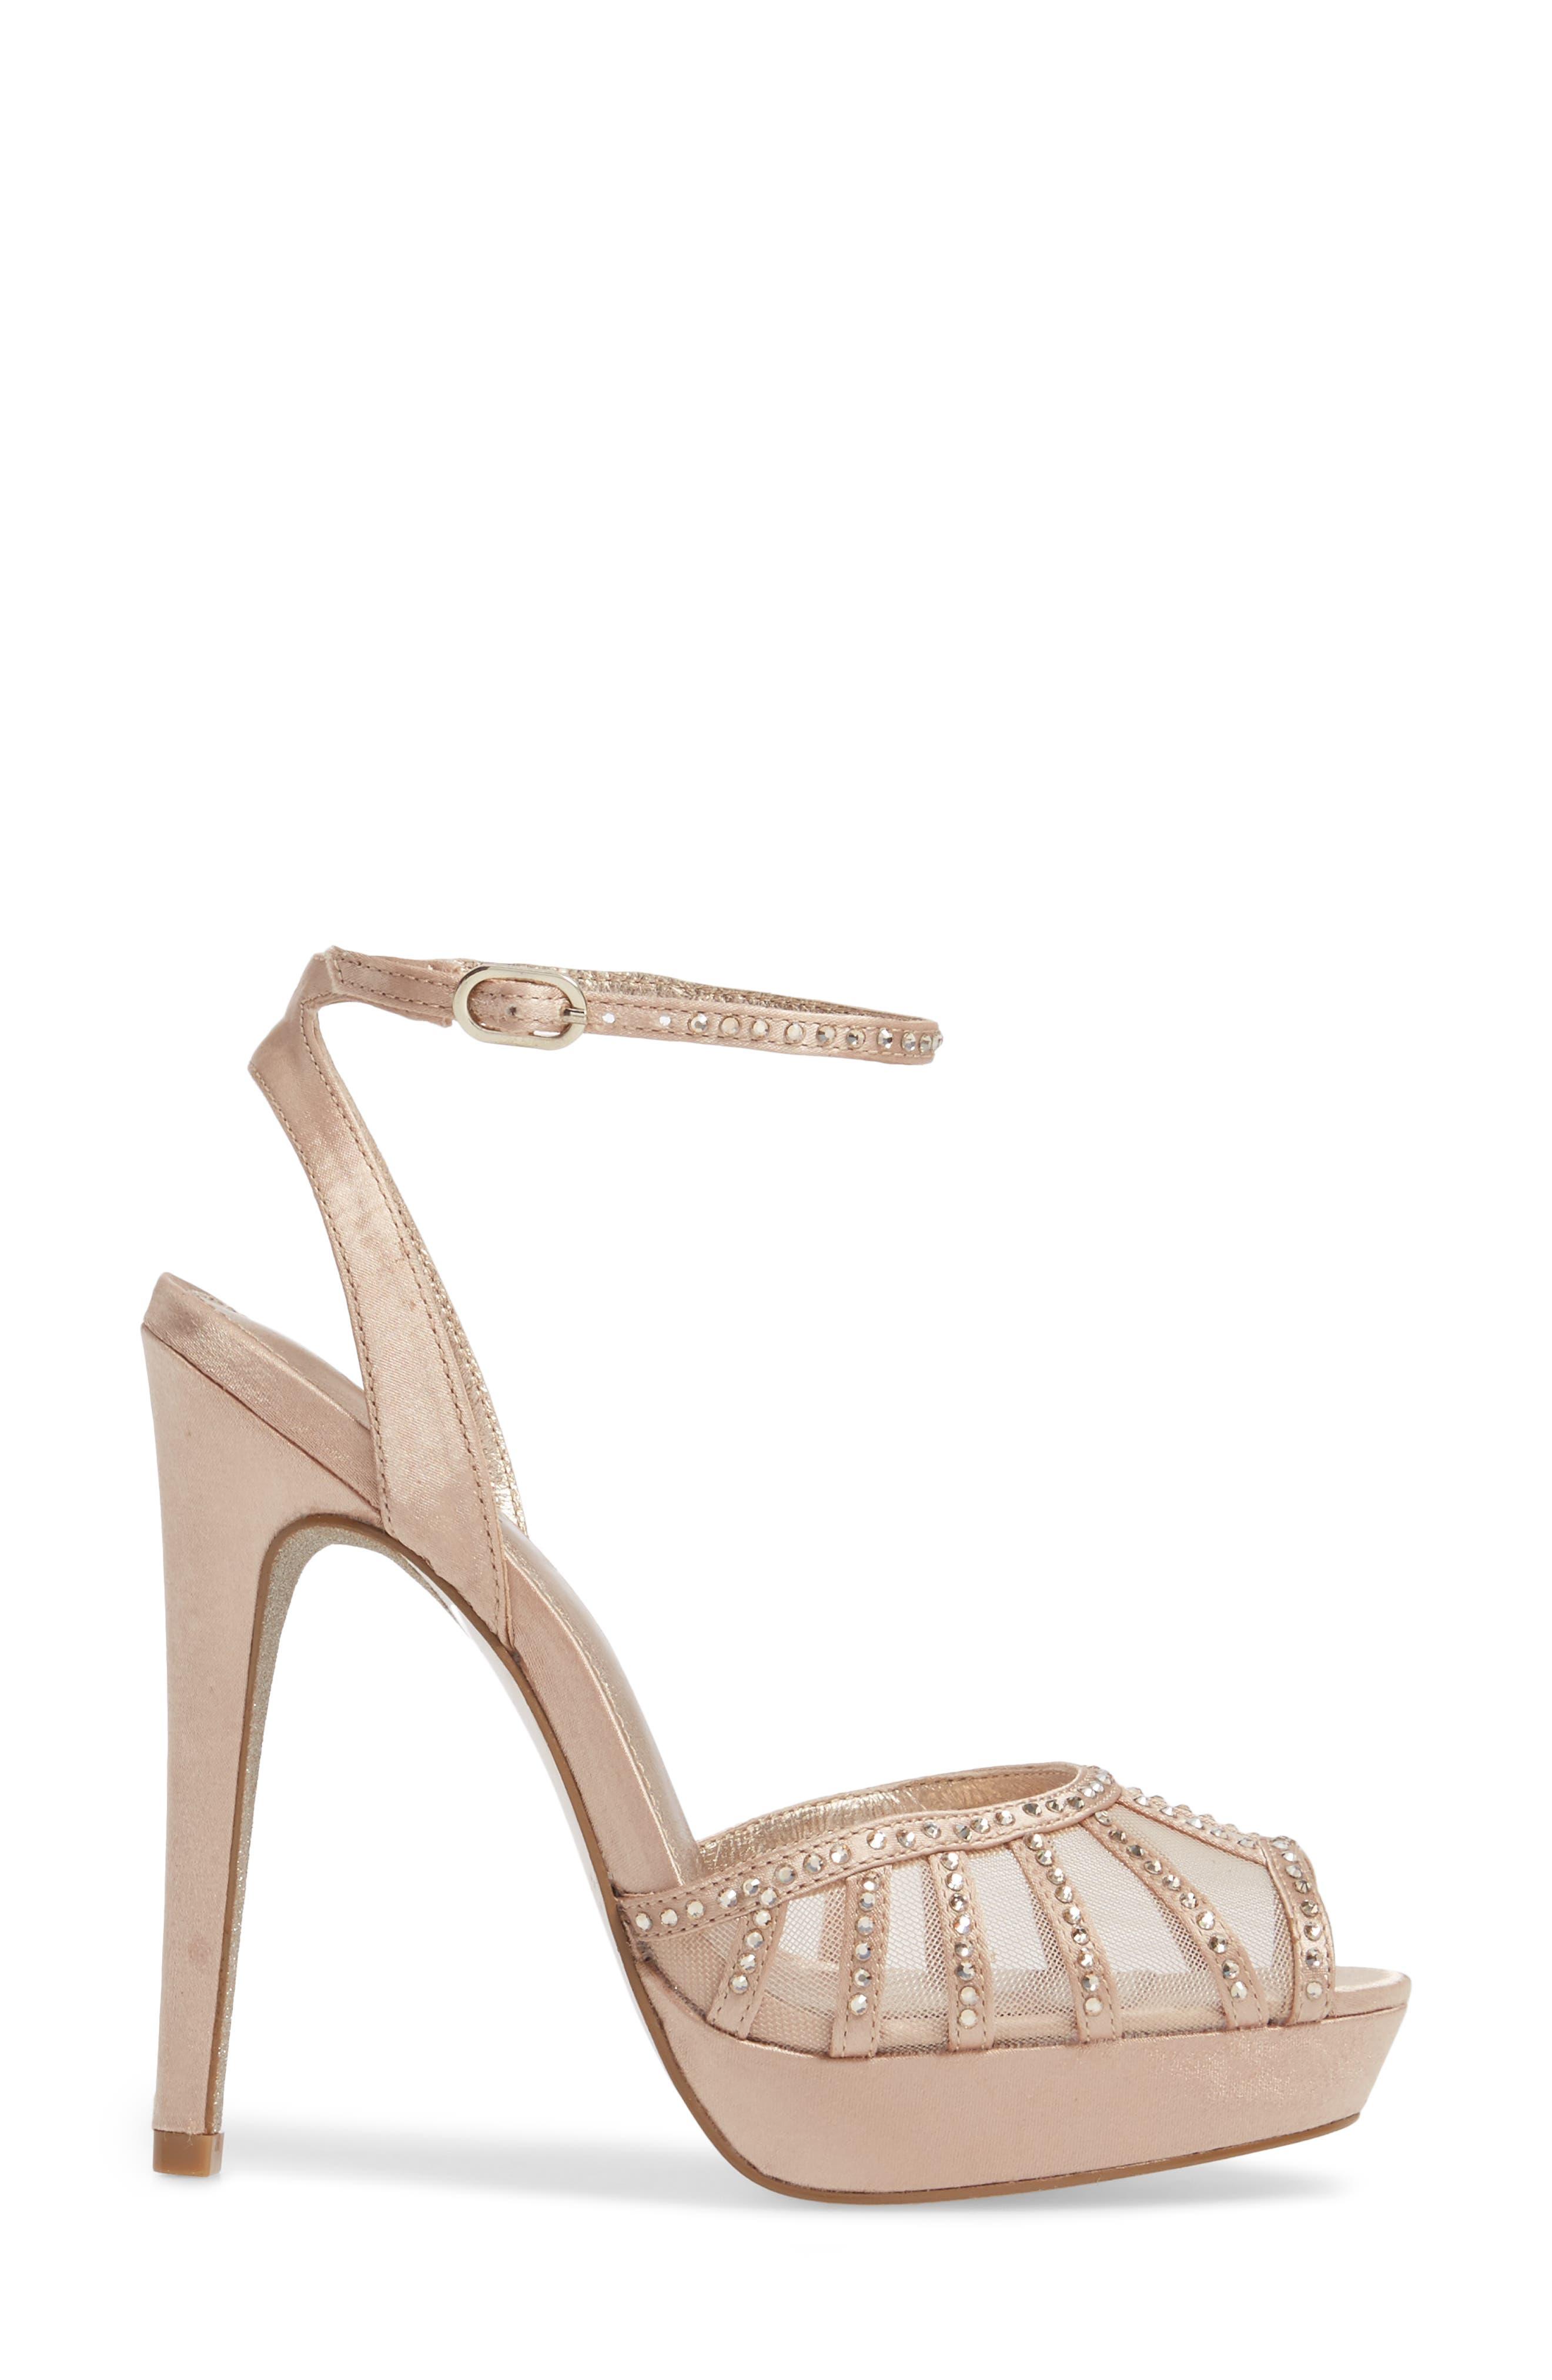 Simone Crystal Embellished Platform Sandal,                             Alternate thumbnail 11, color,